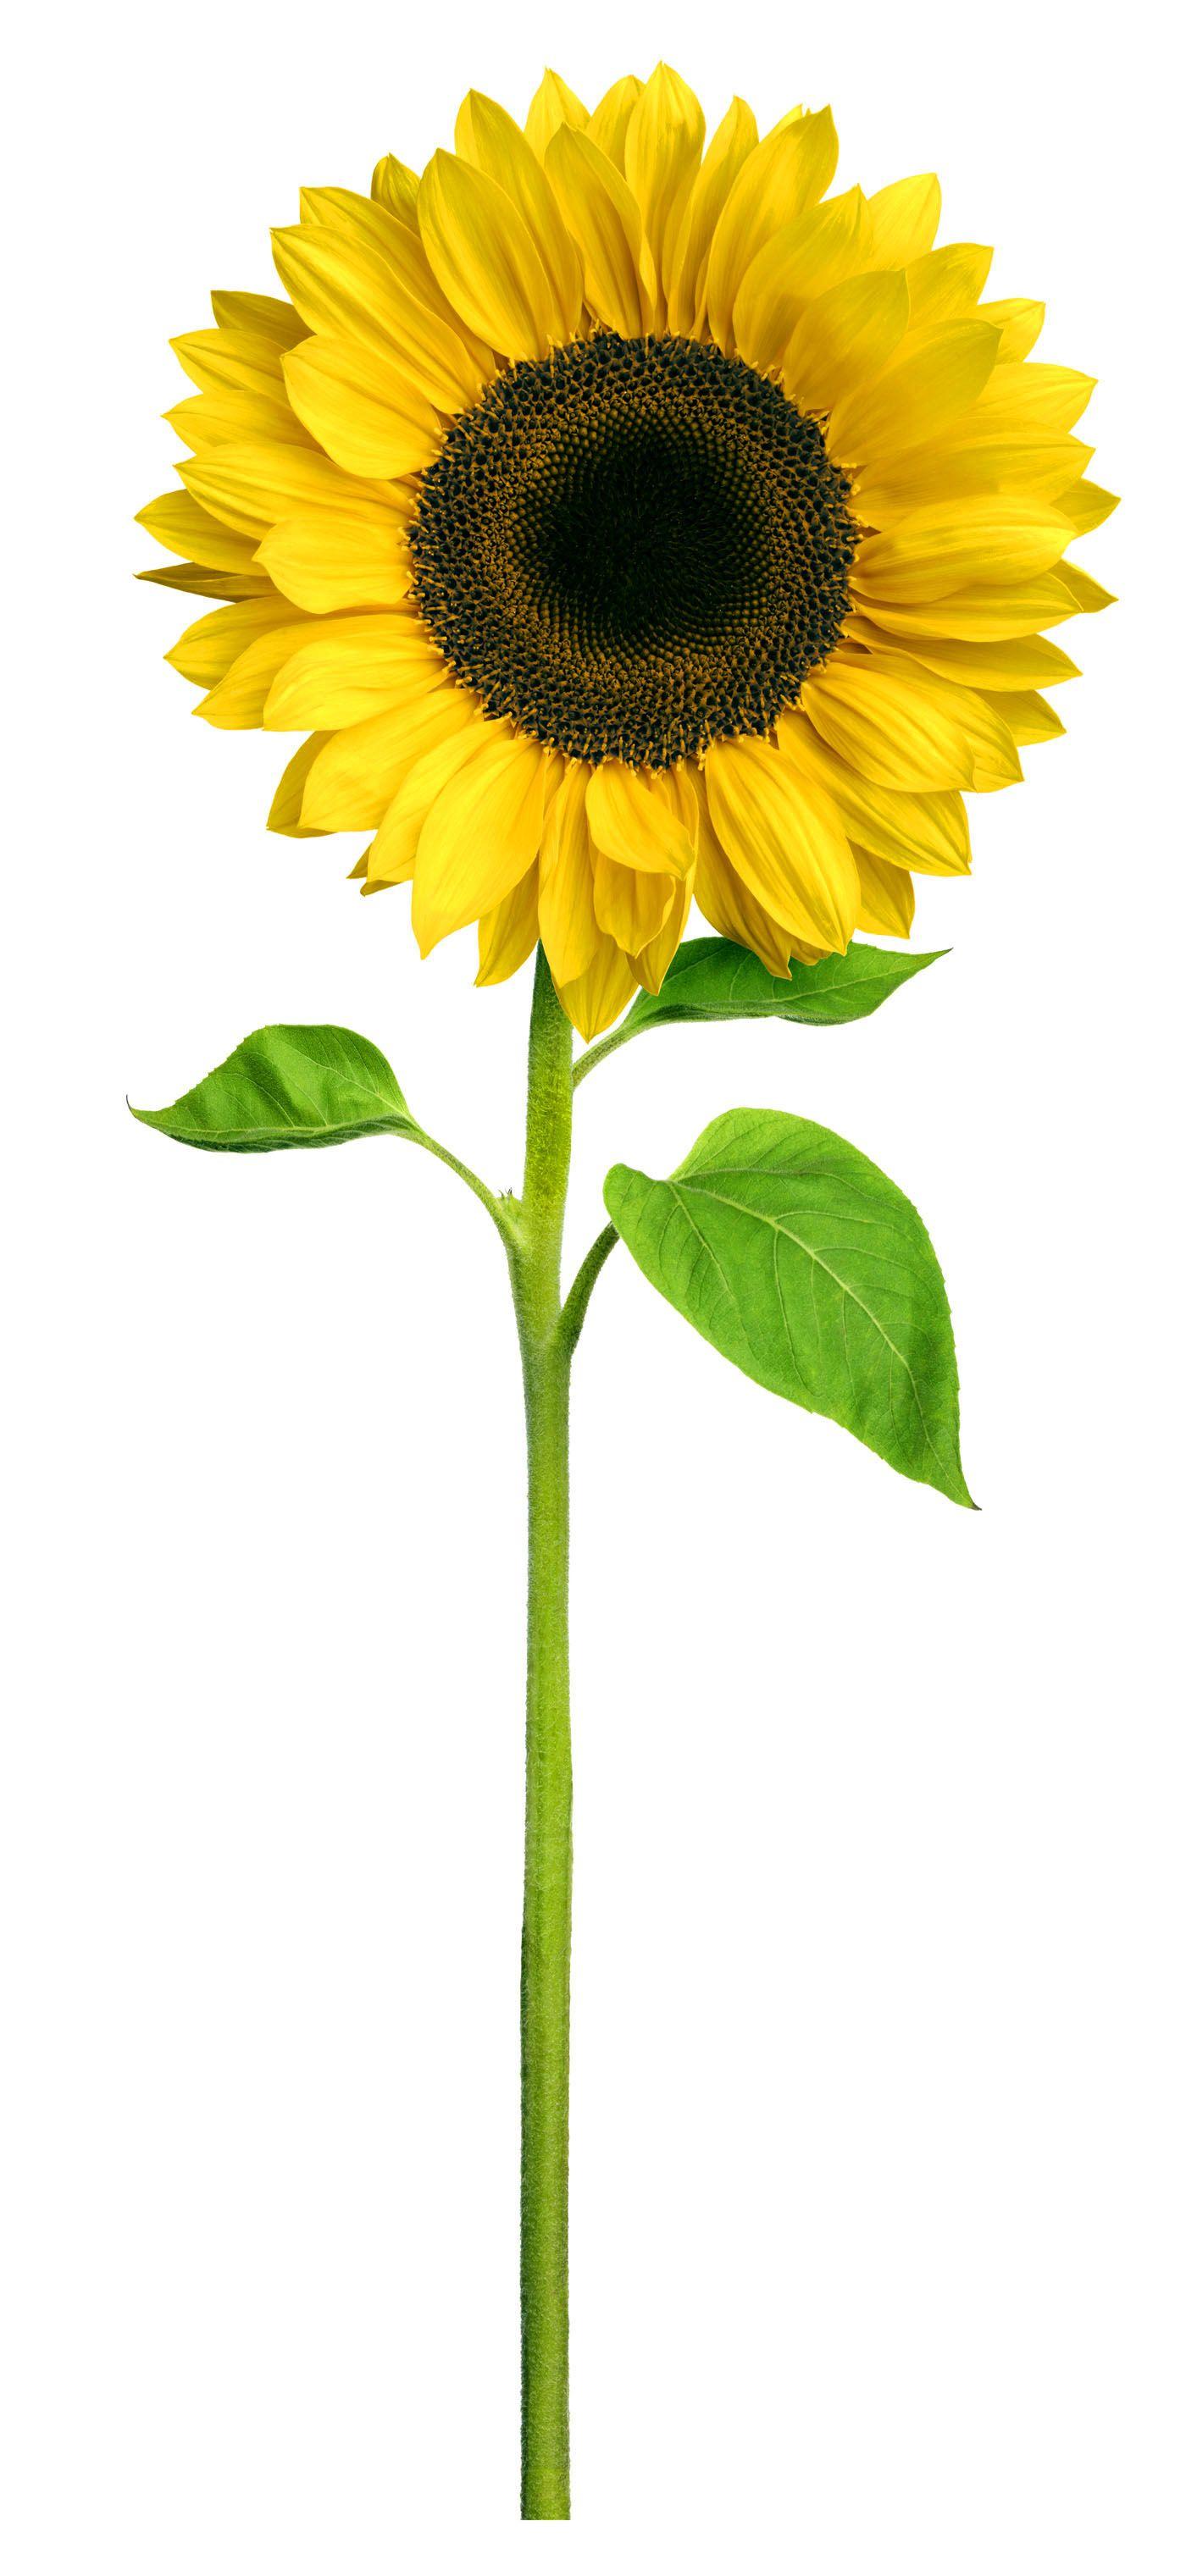 Pin De Lisa Hayes Em Art That I Like Flores Do Sol Imagens Com